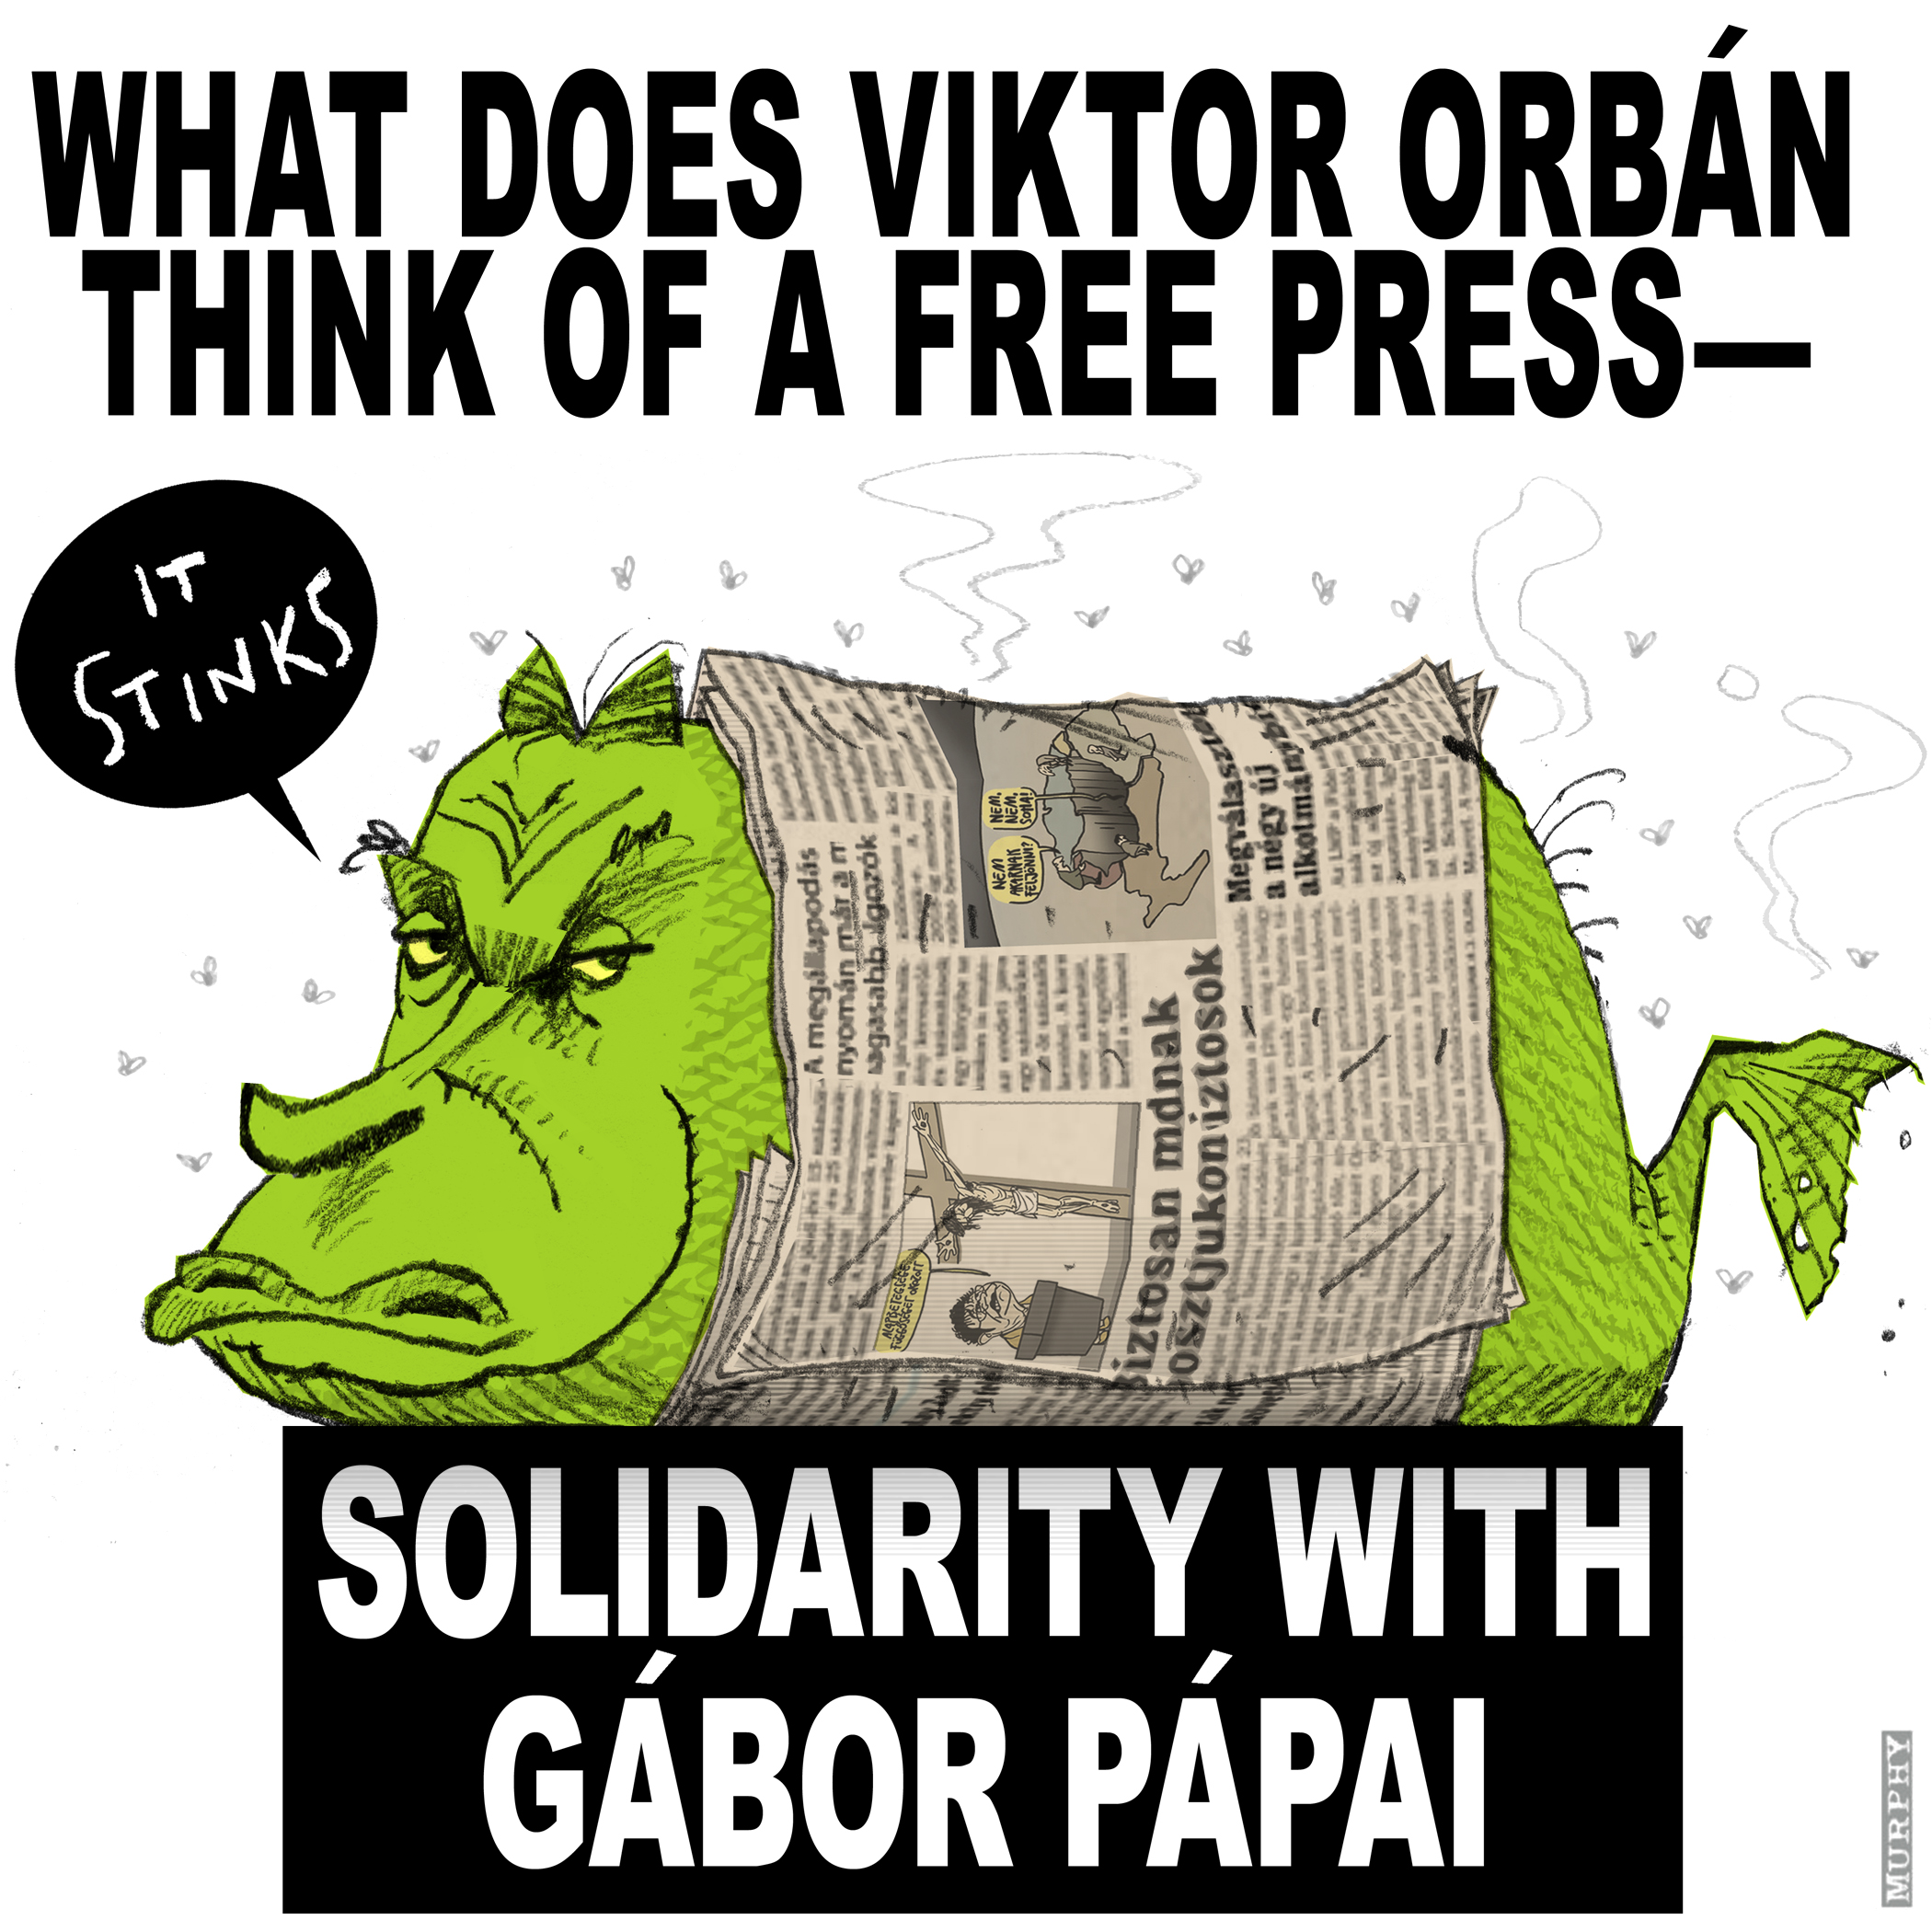 SolidarityWithGaborPapai